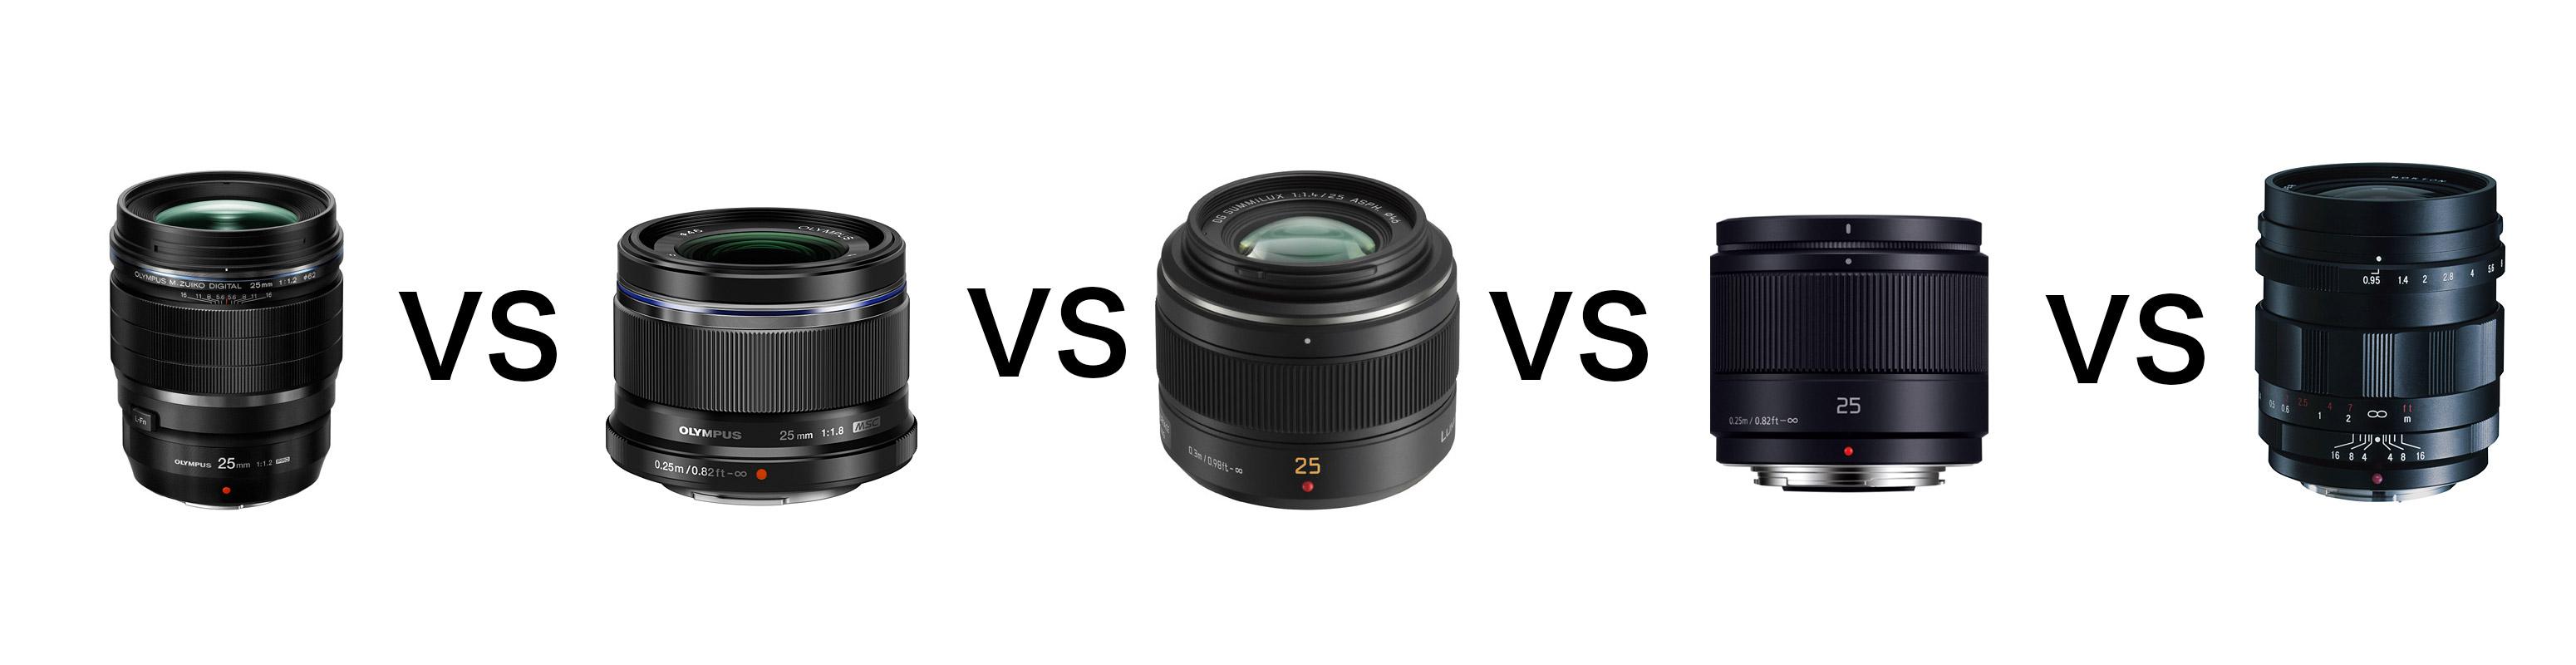 25vs - マイクロフォーサーズ専用25mm単焦点レンズ比較レビュー(オリンパス・パナソニック・コシナ)